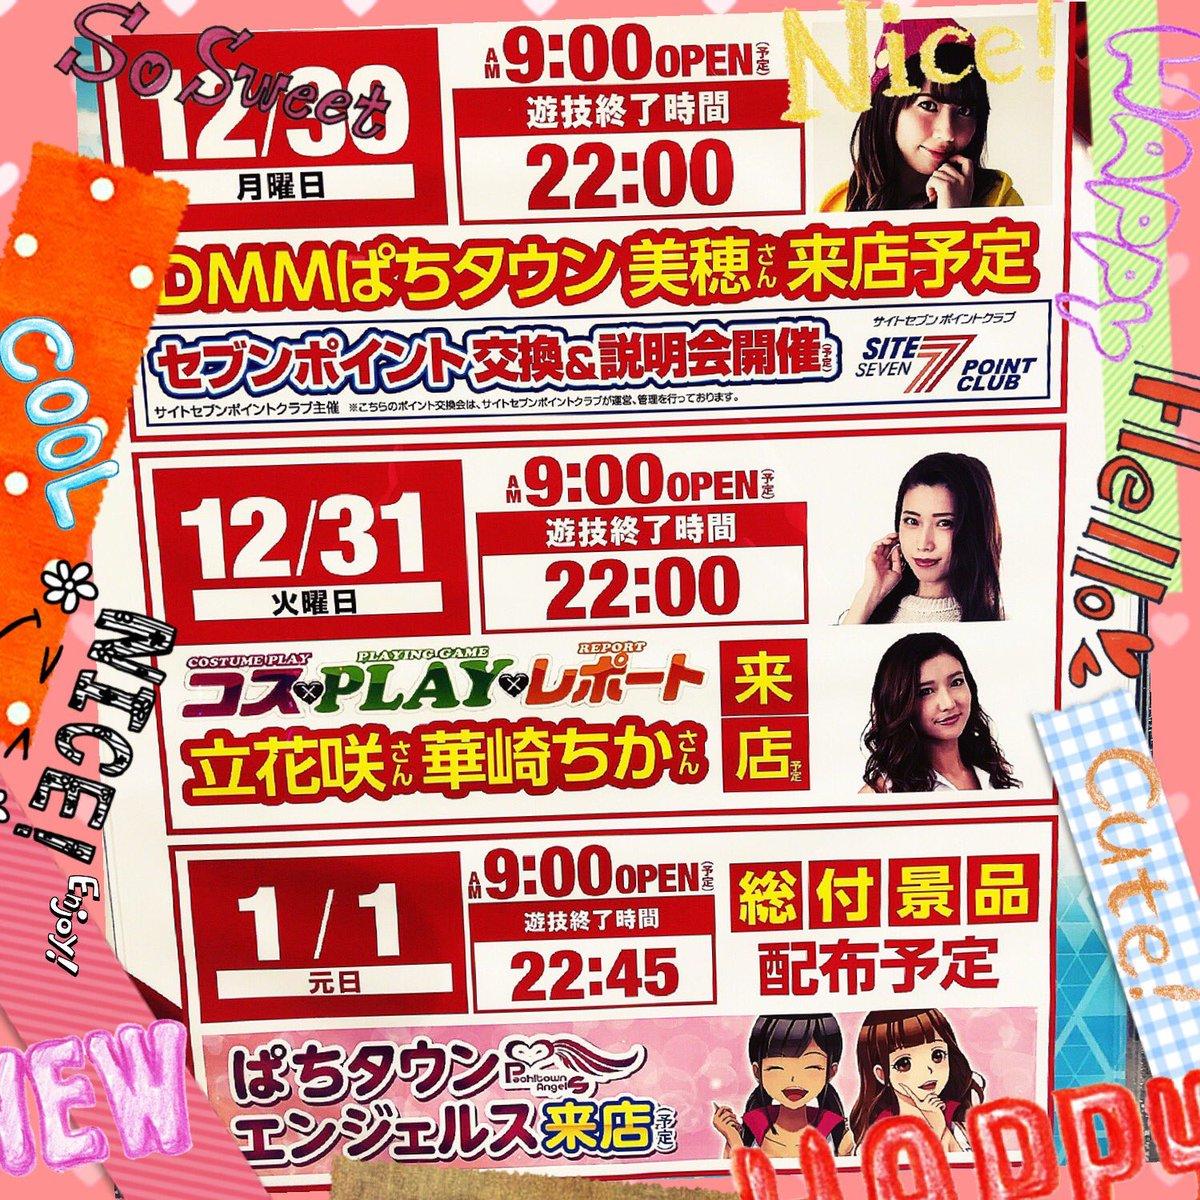 ベガス 1200 岐阜 六条 店